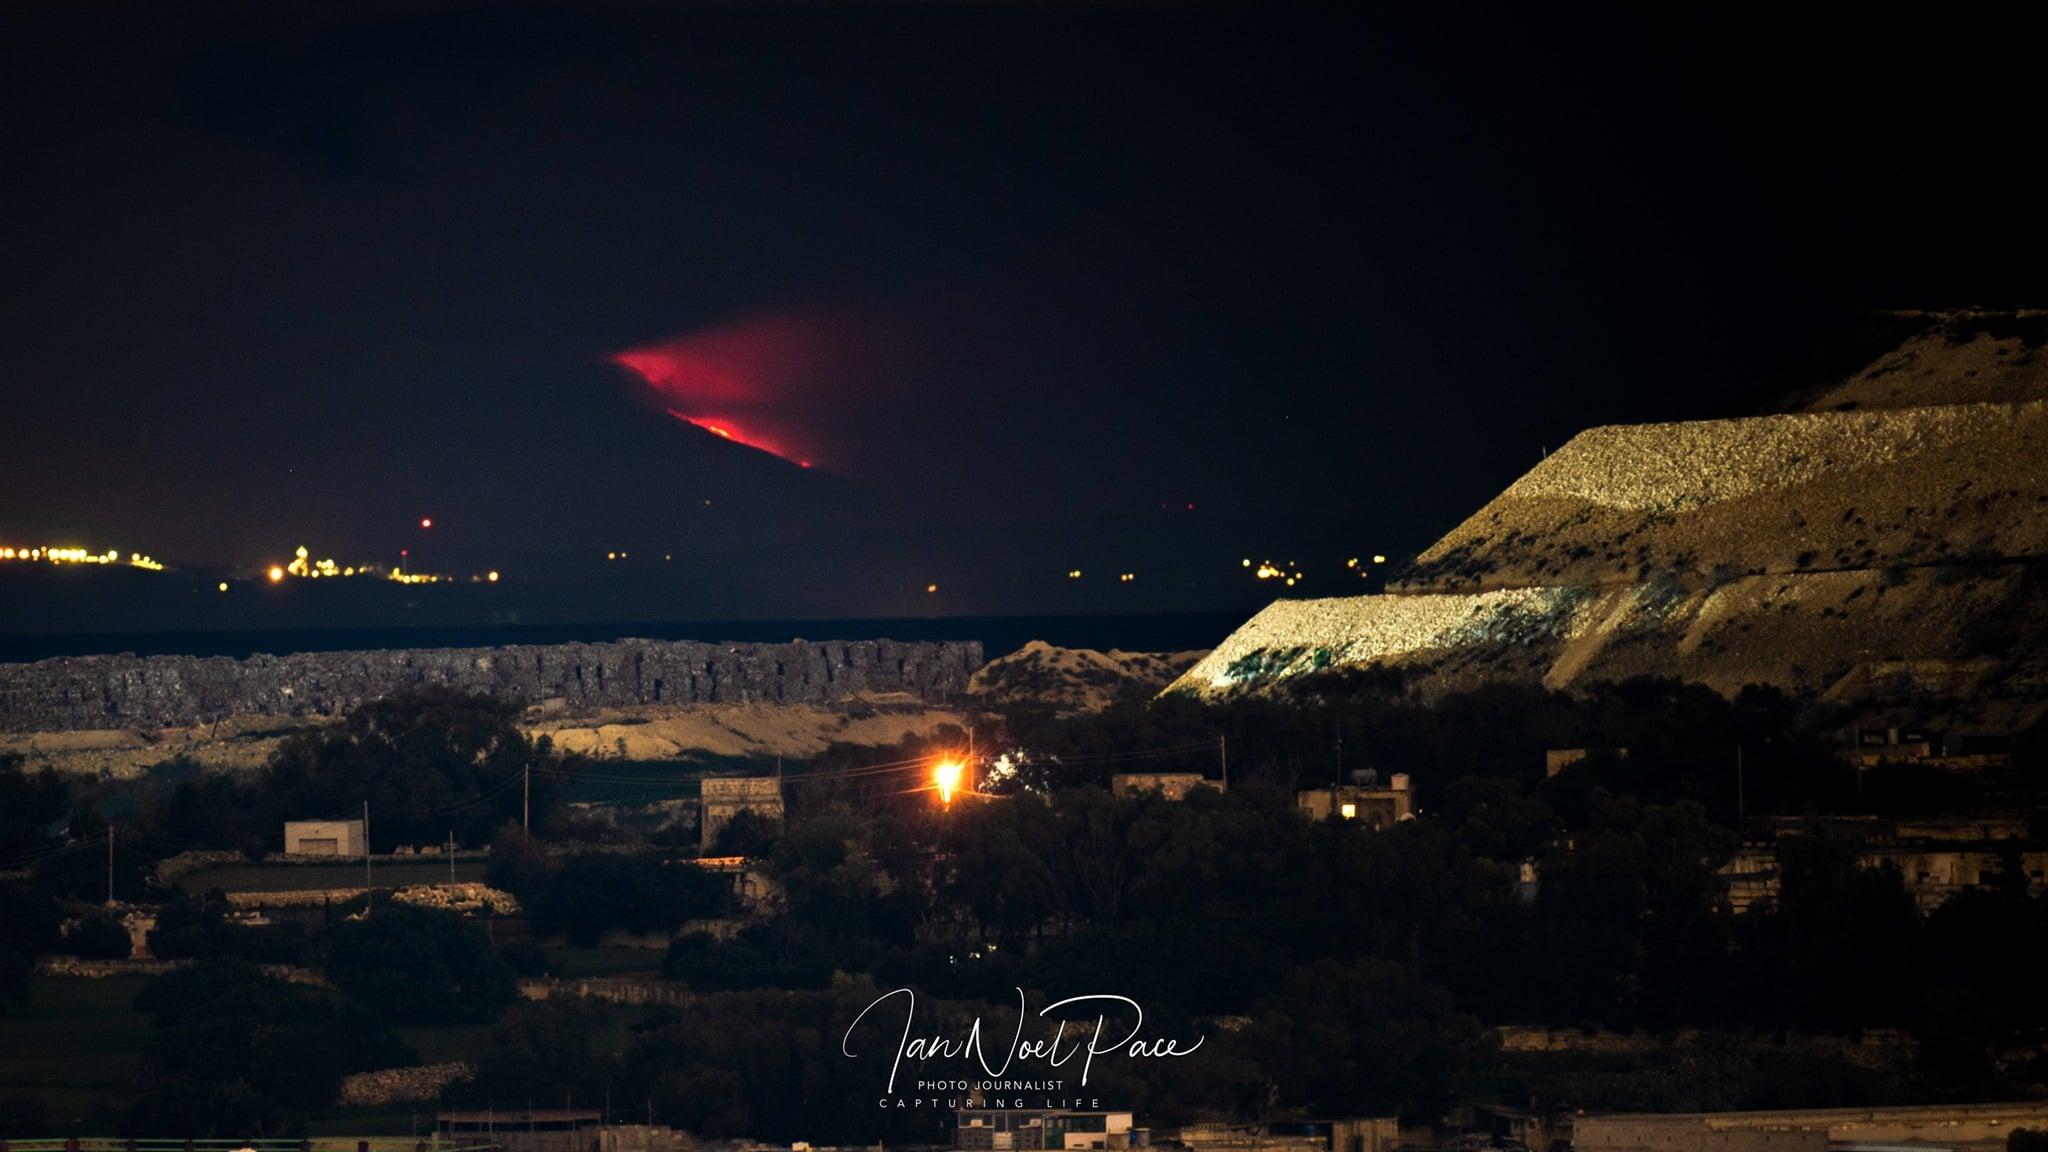 Eruzione Etna: si è vista anche da Malta! Continuano le testimonianze dei fotografi.